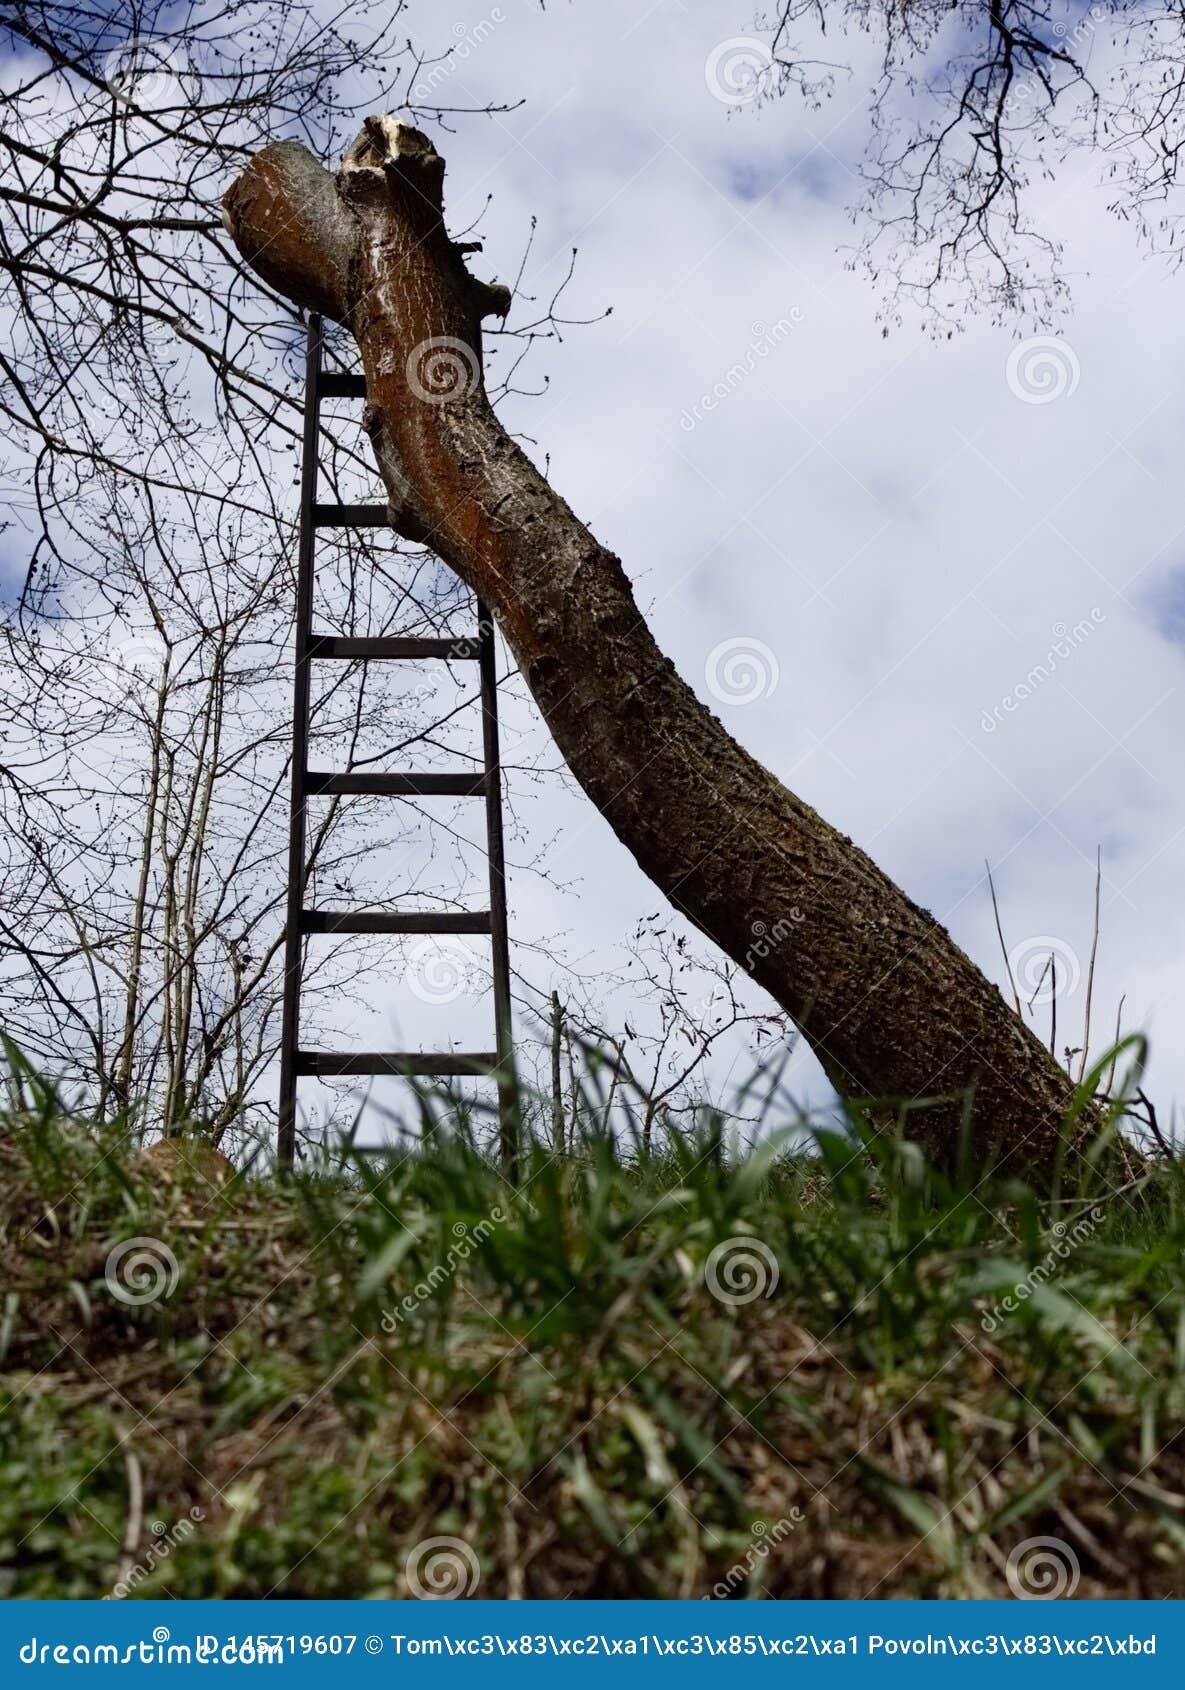 Καταρριφθείς κορμός δέντρων χωρίς κλάδους που στέκονται με τη σκάλα